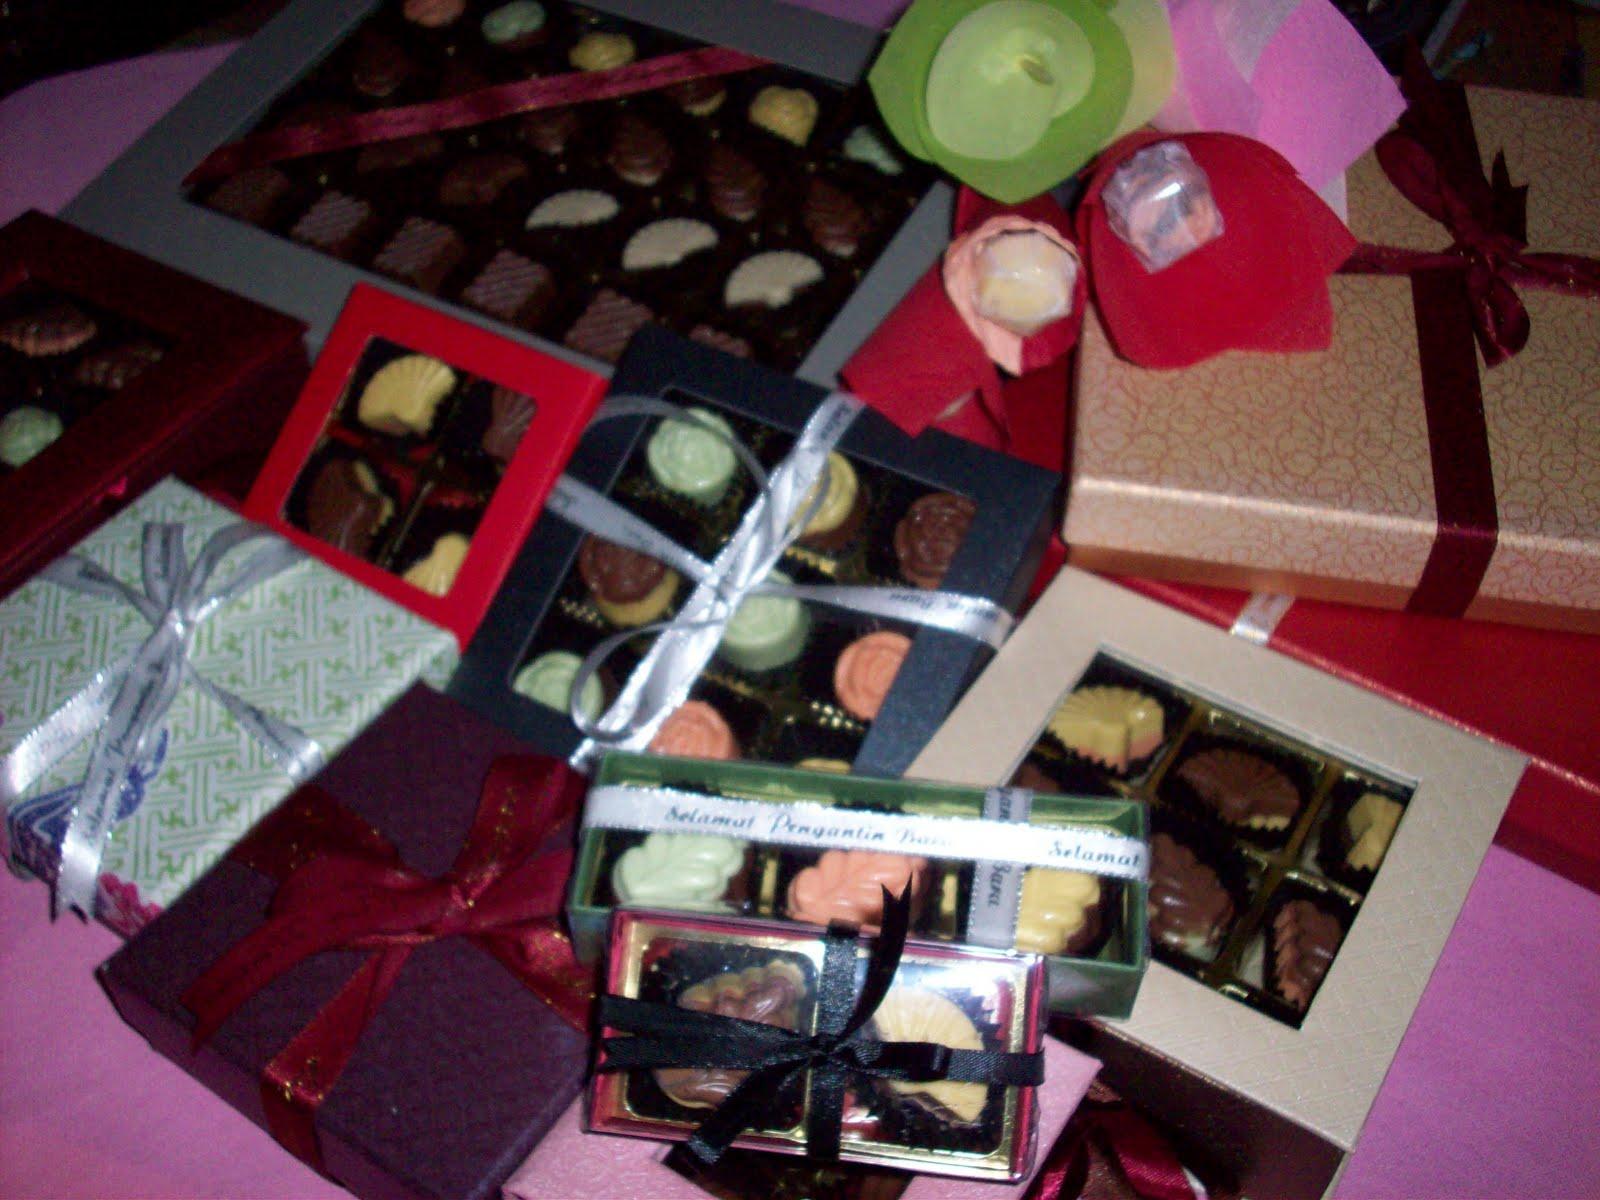 salam semua blossom choc house ada menjual pelbagai jenis coklat untuk